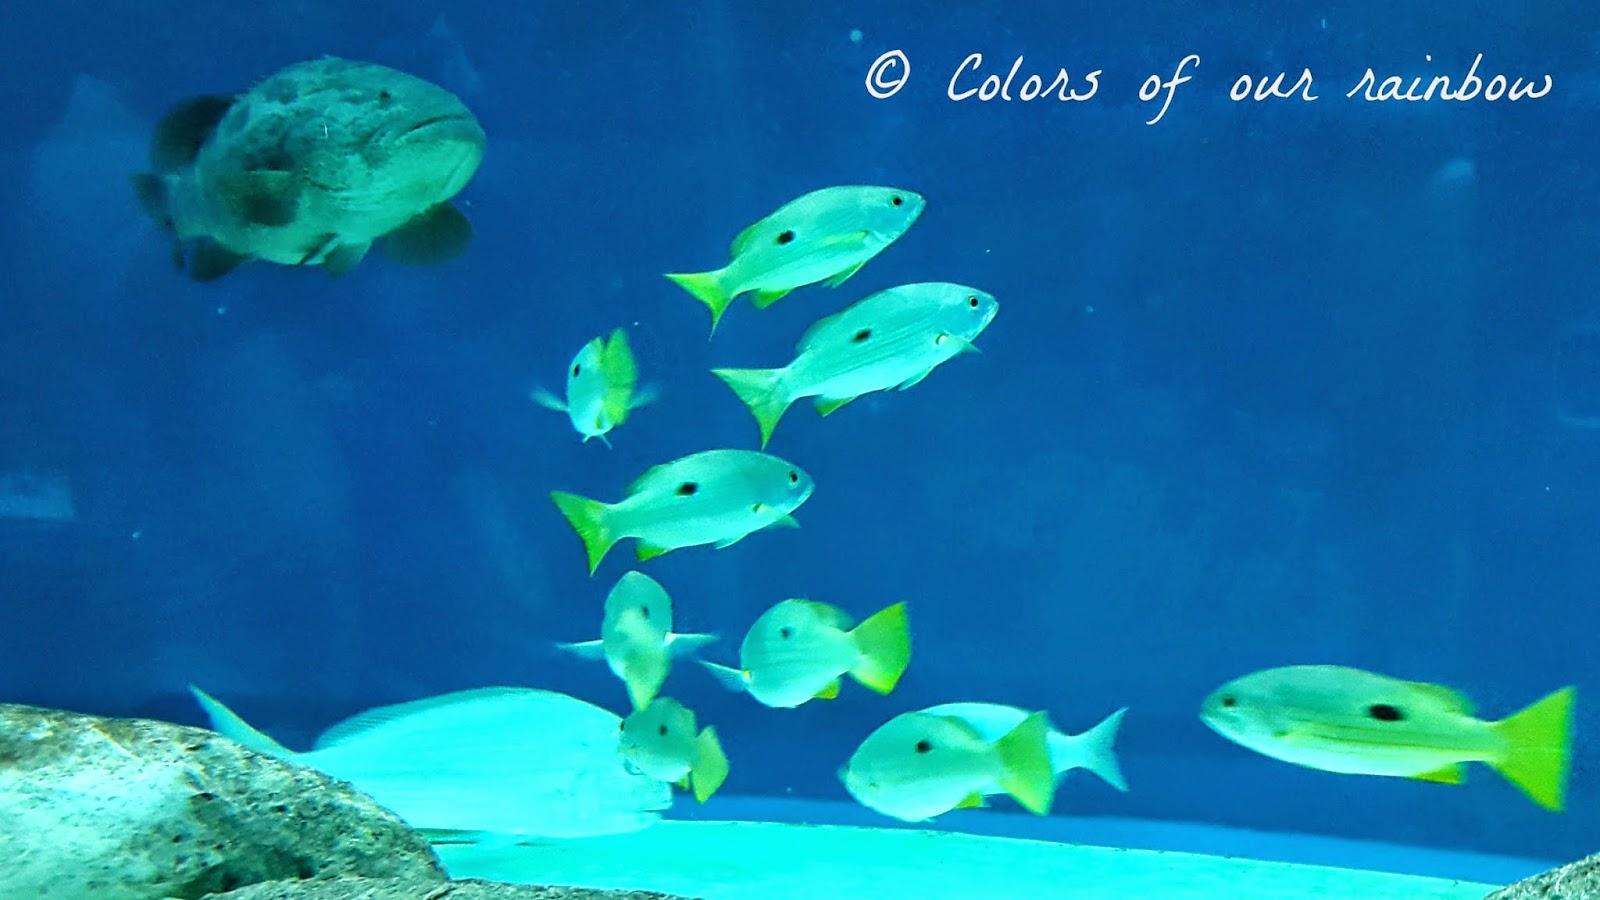 Sharjah Aquarium